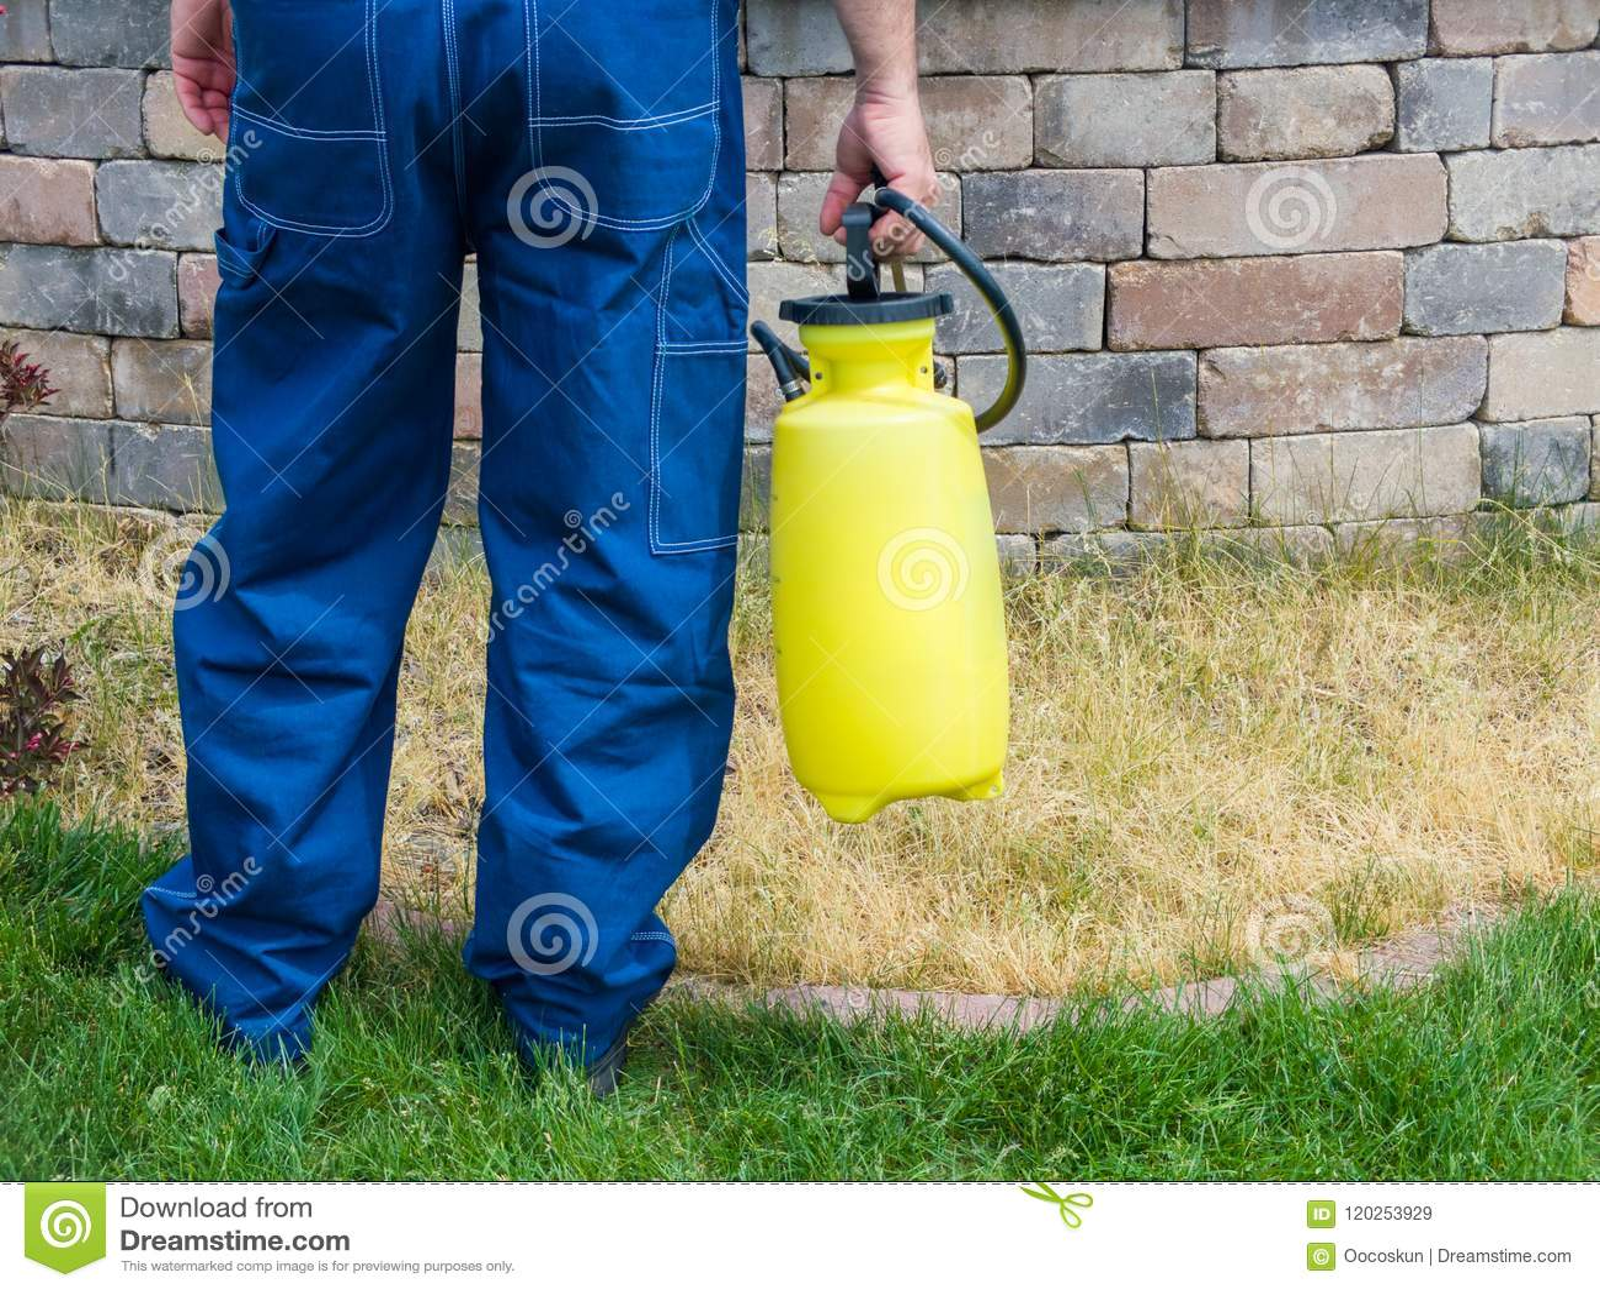 Homme tenant un pulvérisateur portatif jaune en plastique